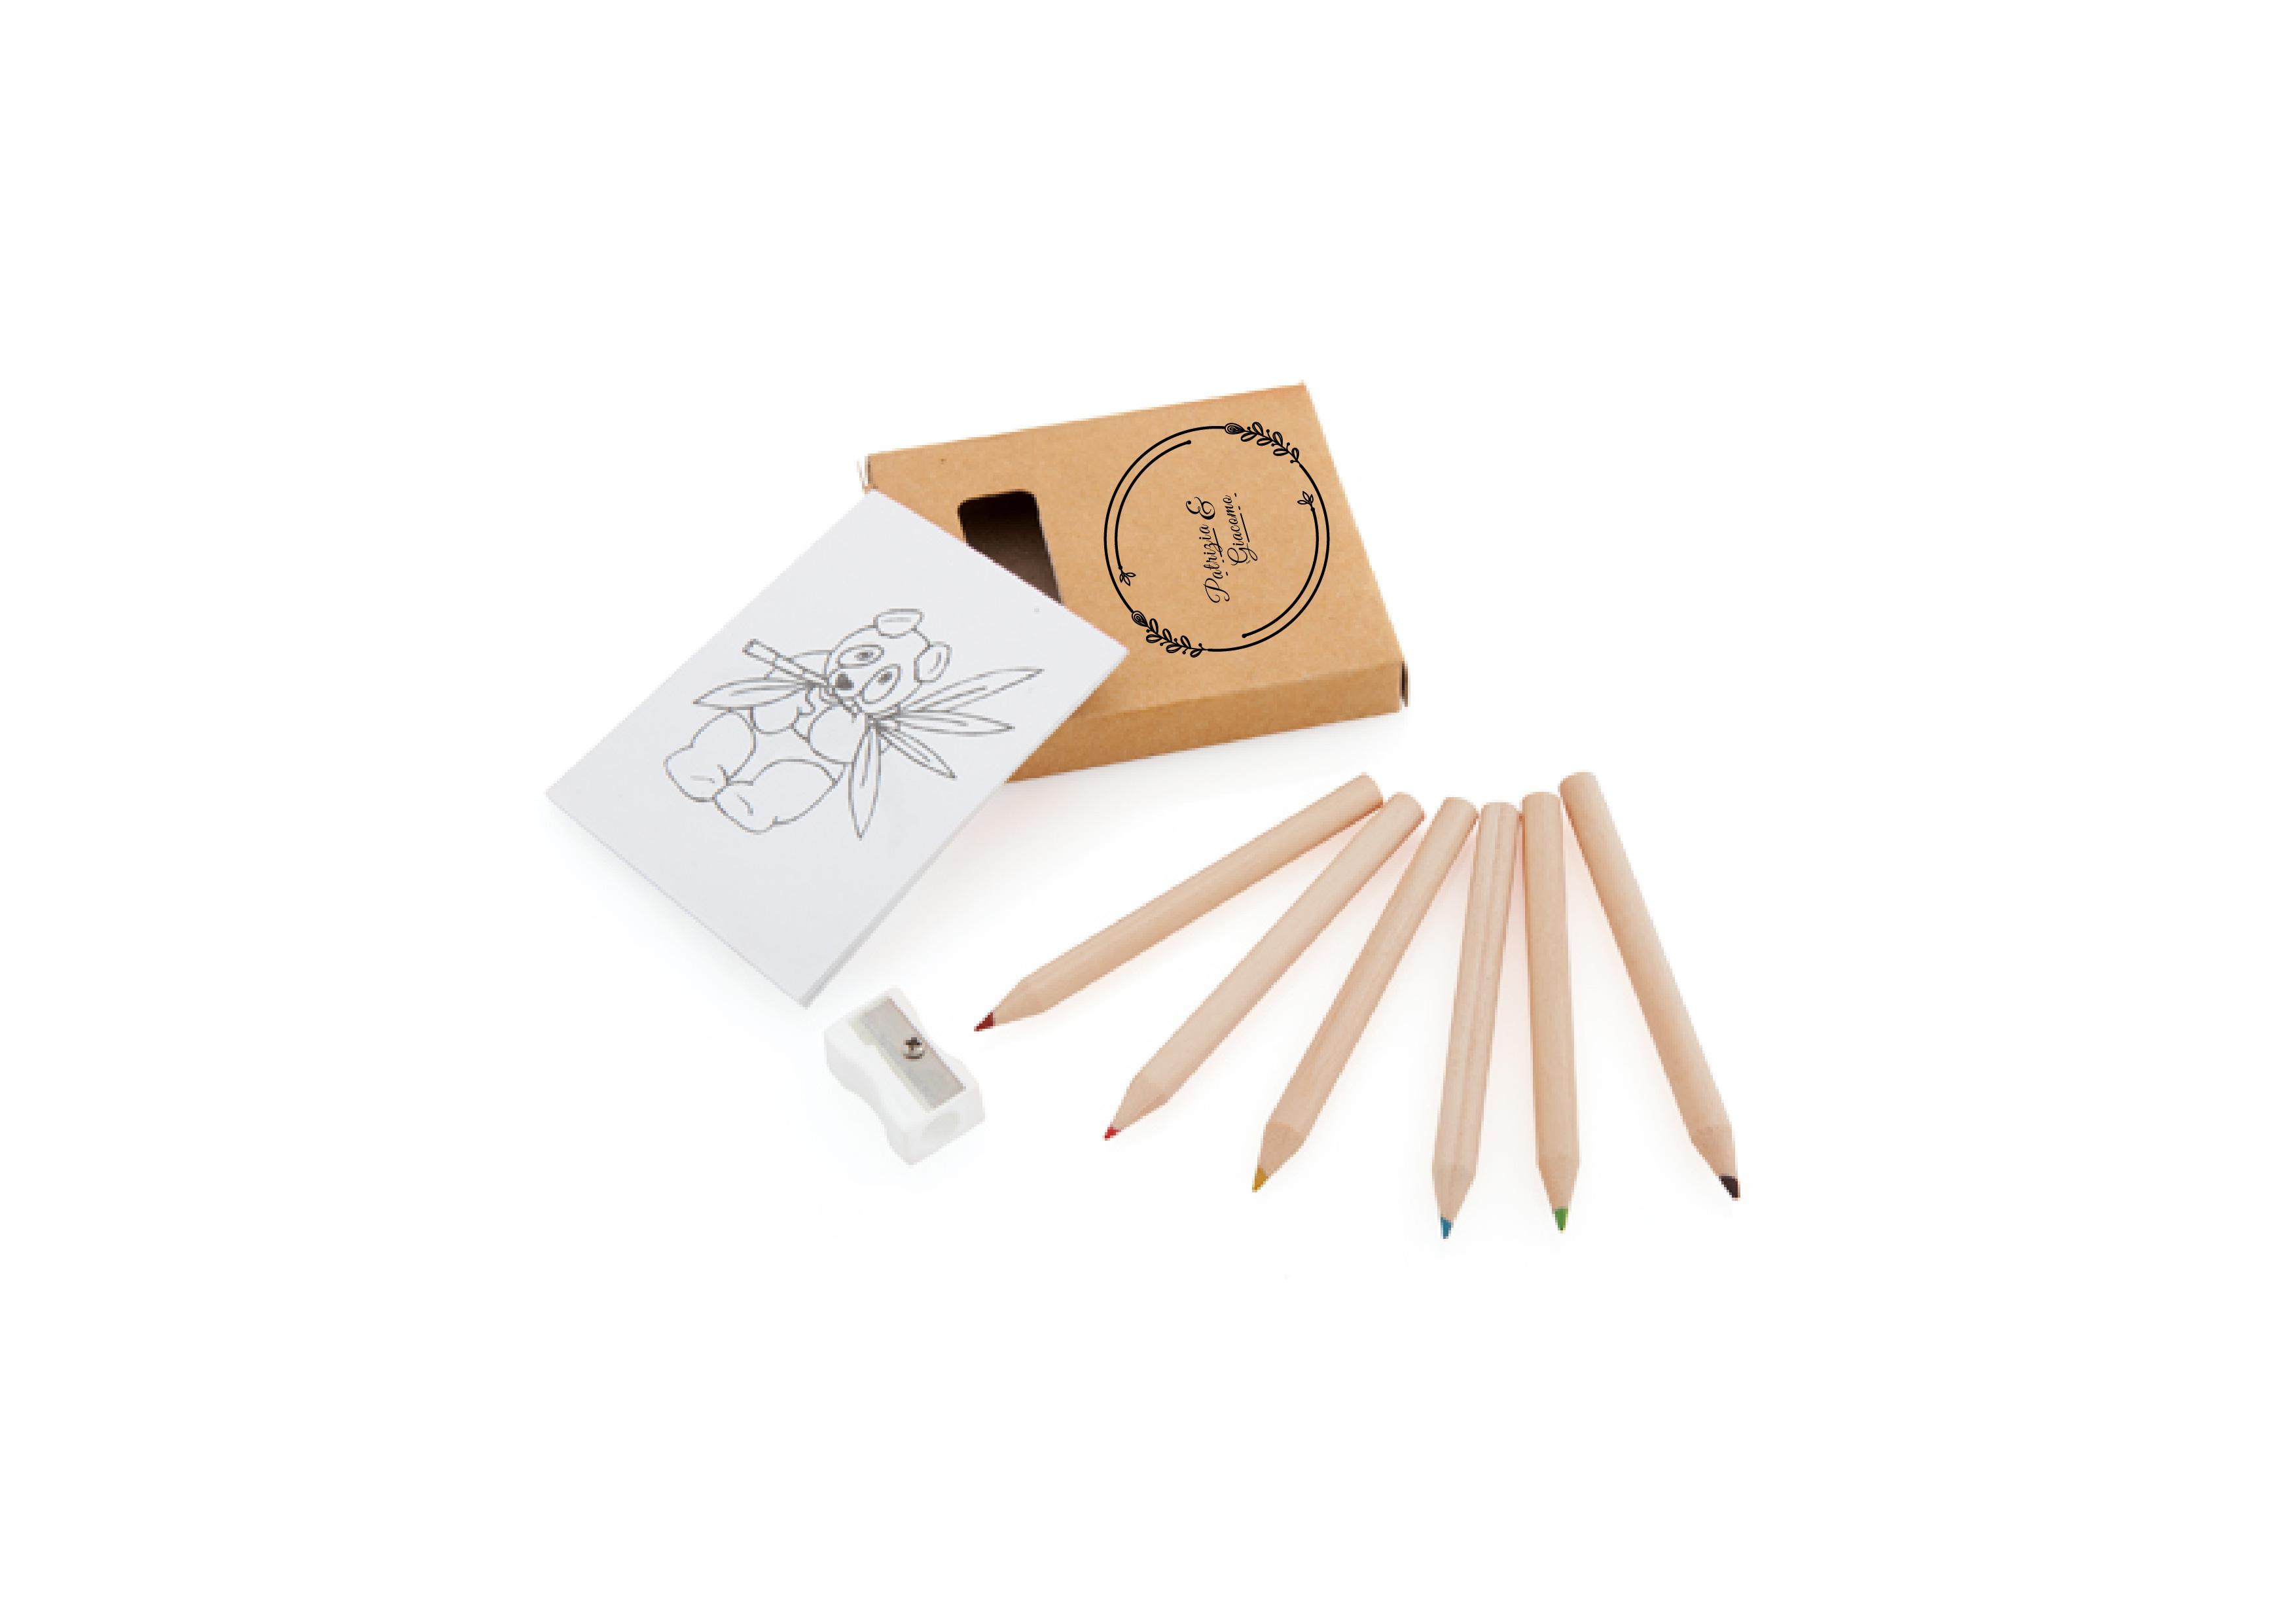 Set matite con disegni